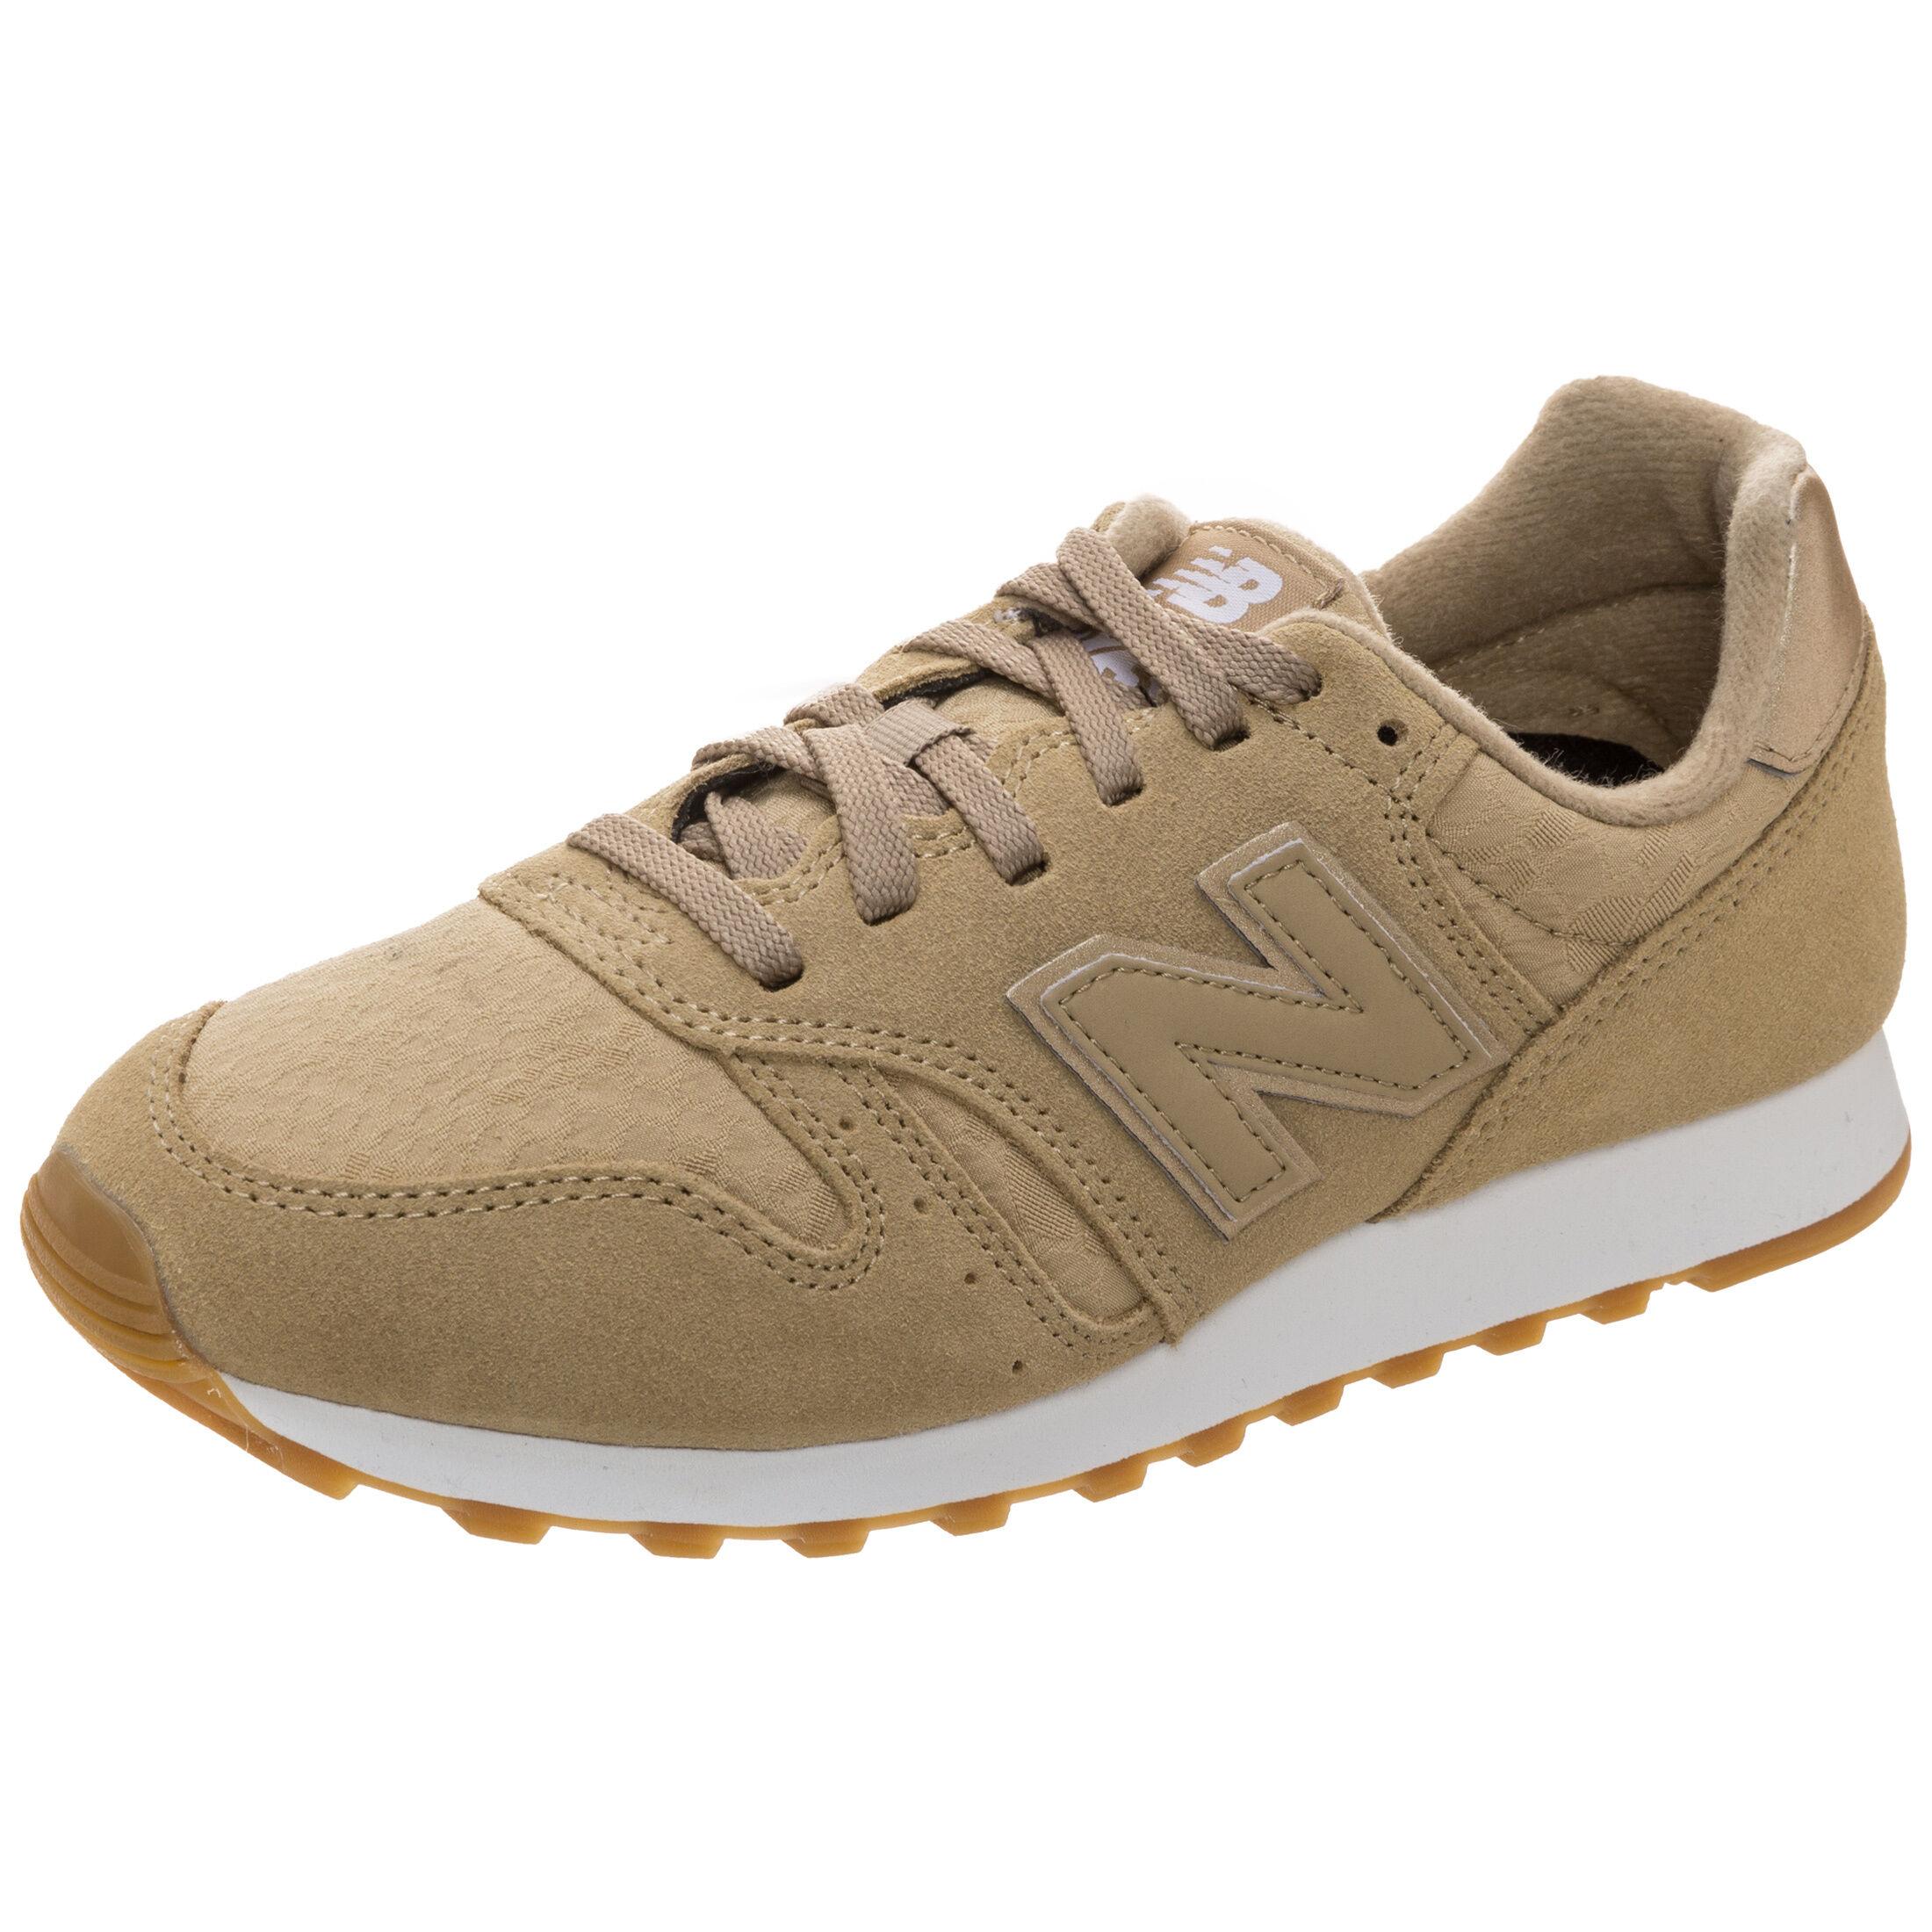 New Balance »Wl373-oit-b« Sneaker, braun, hellbraun-beige